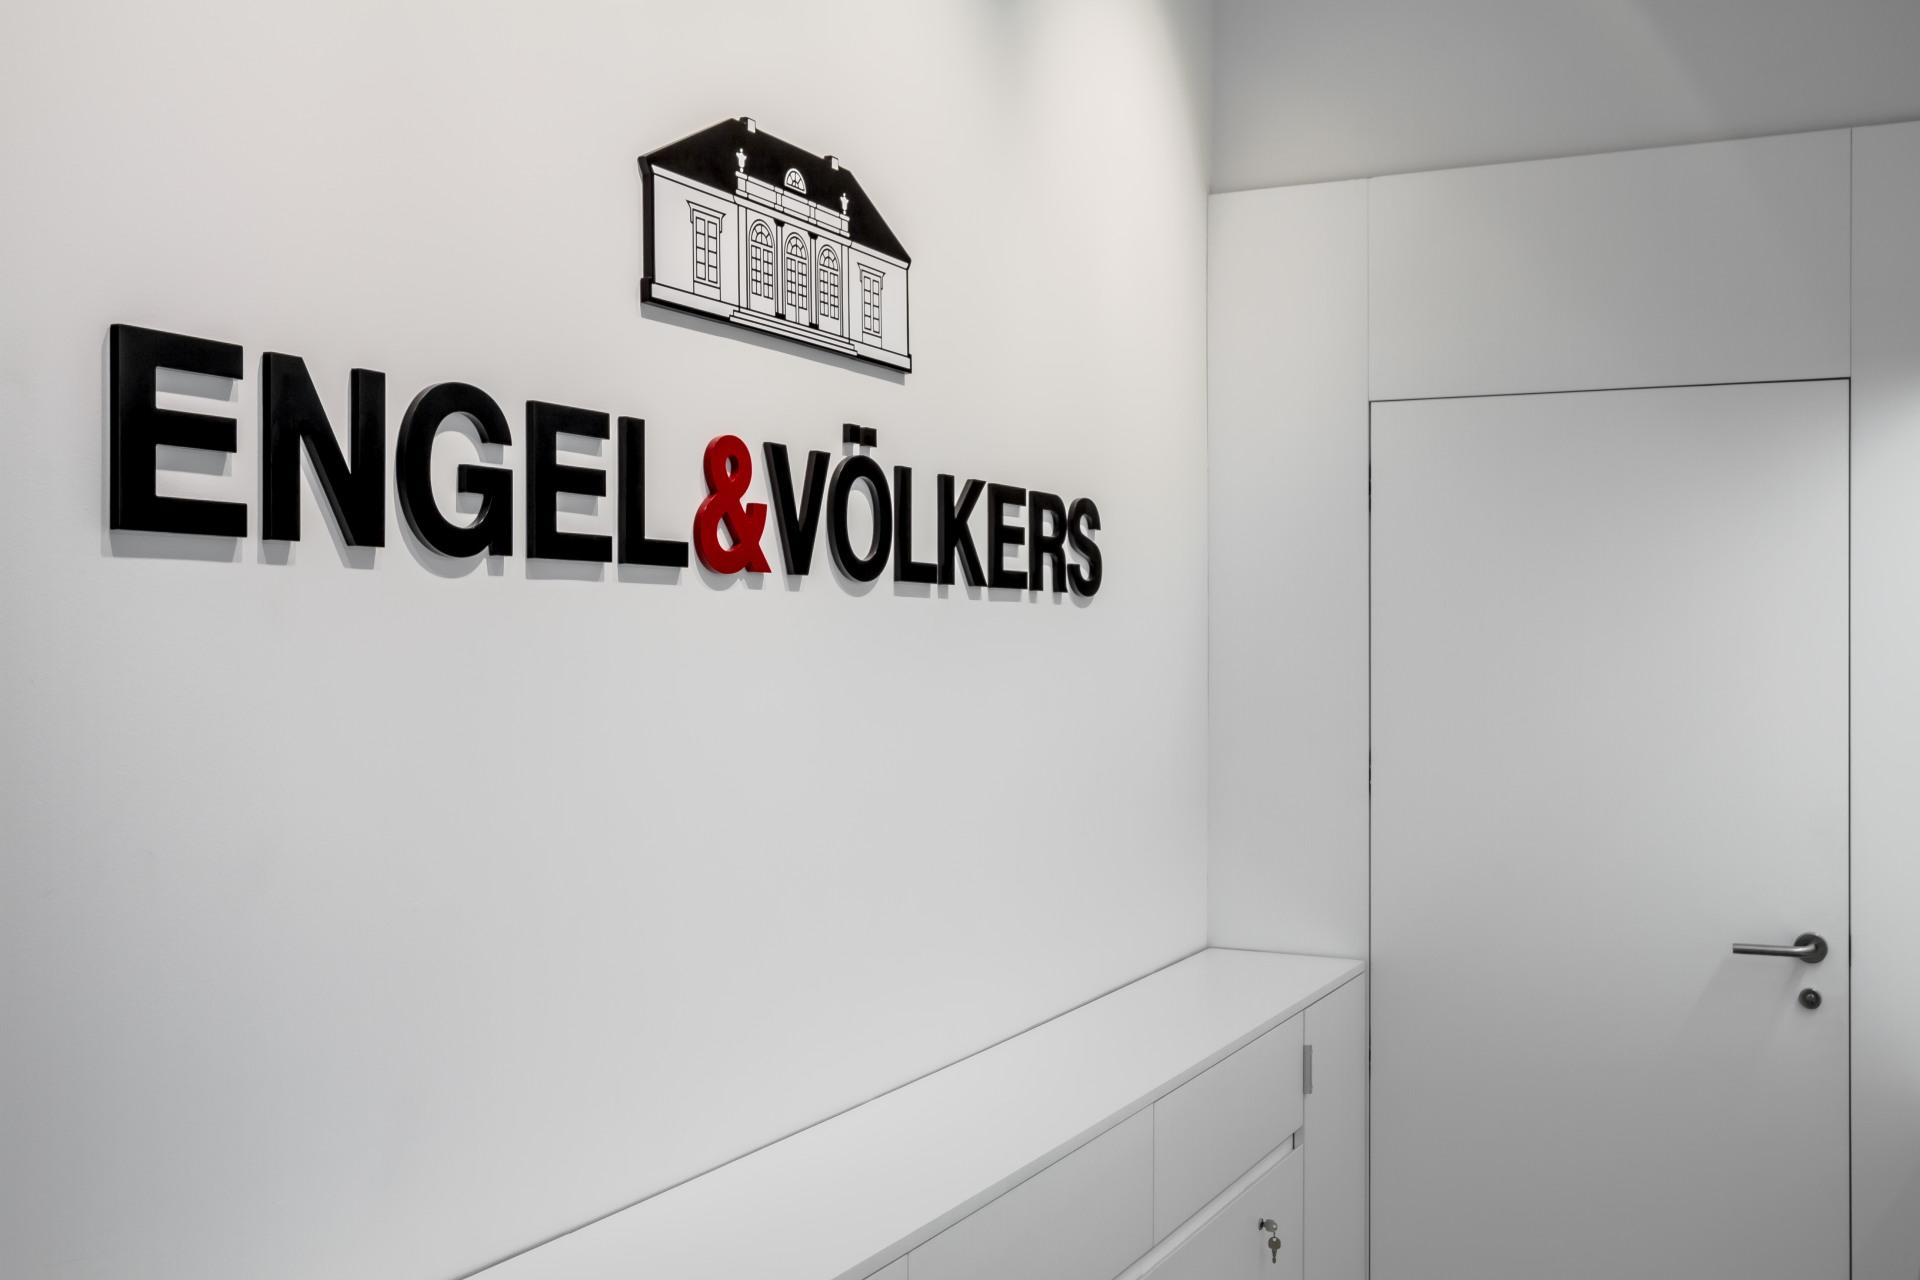 fotografia-arquitectura-valencia-german-cabo-bfm-engel-volkers (10)